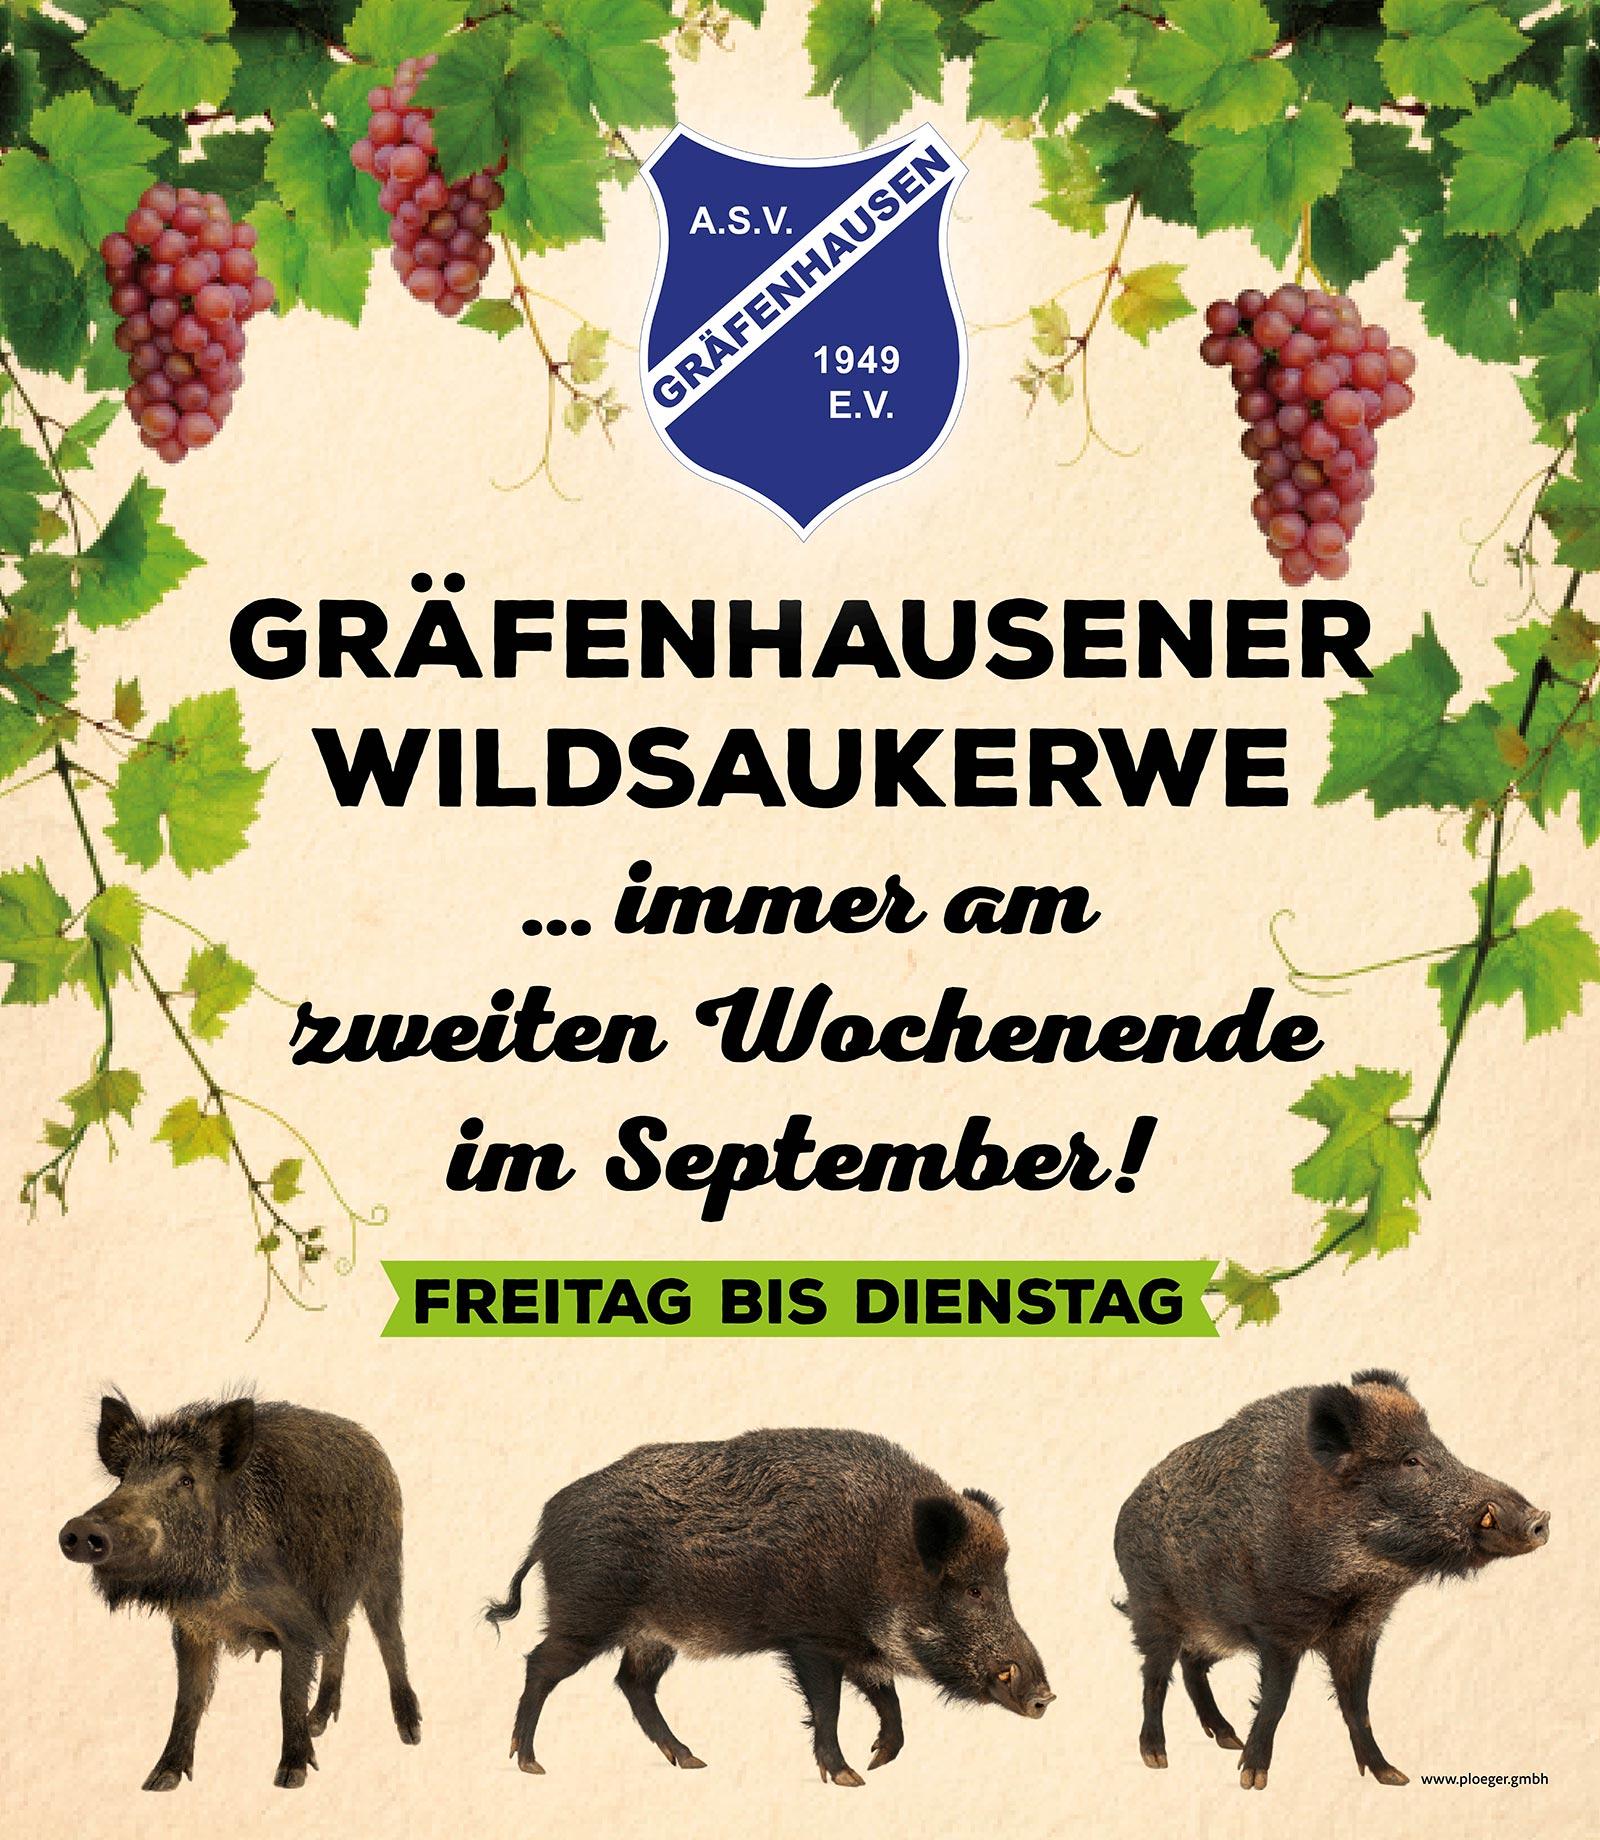 Gräfenhausener Wildsaukerwe Werbung auf Meshplane